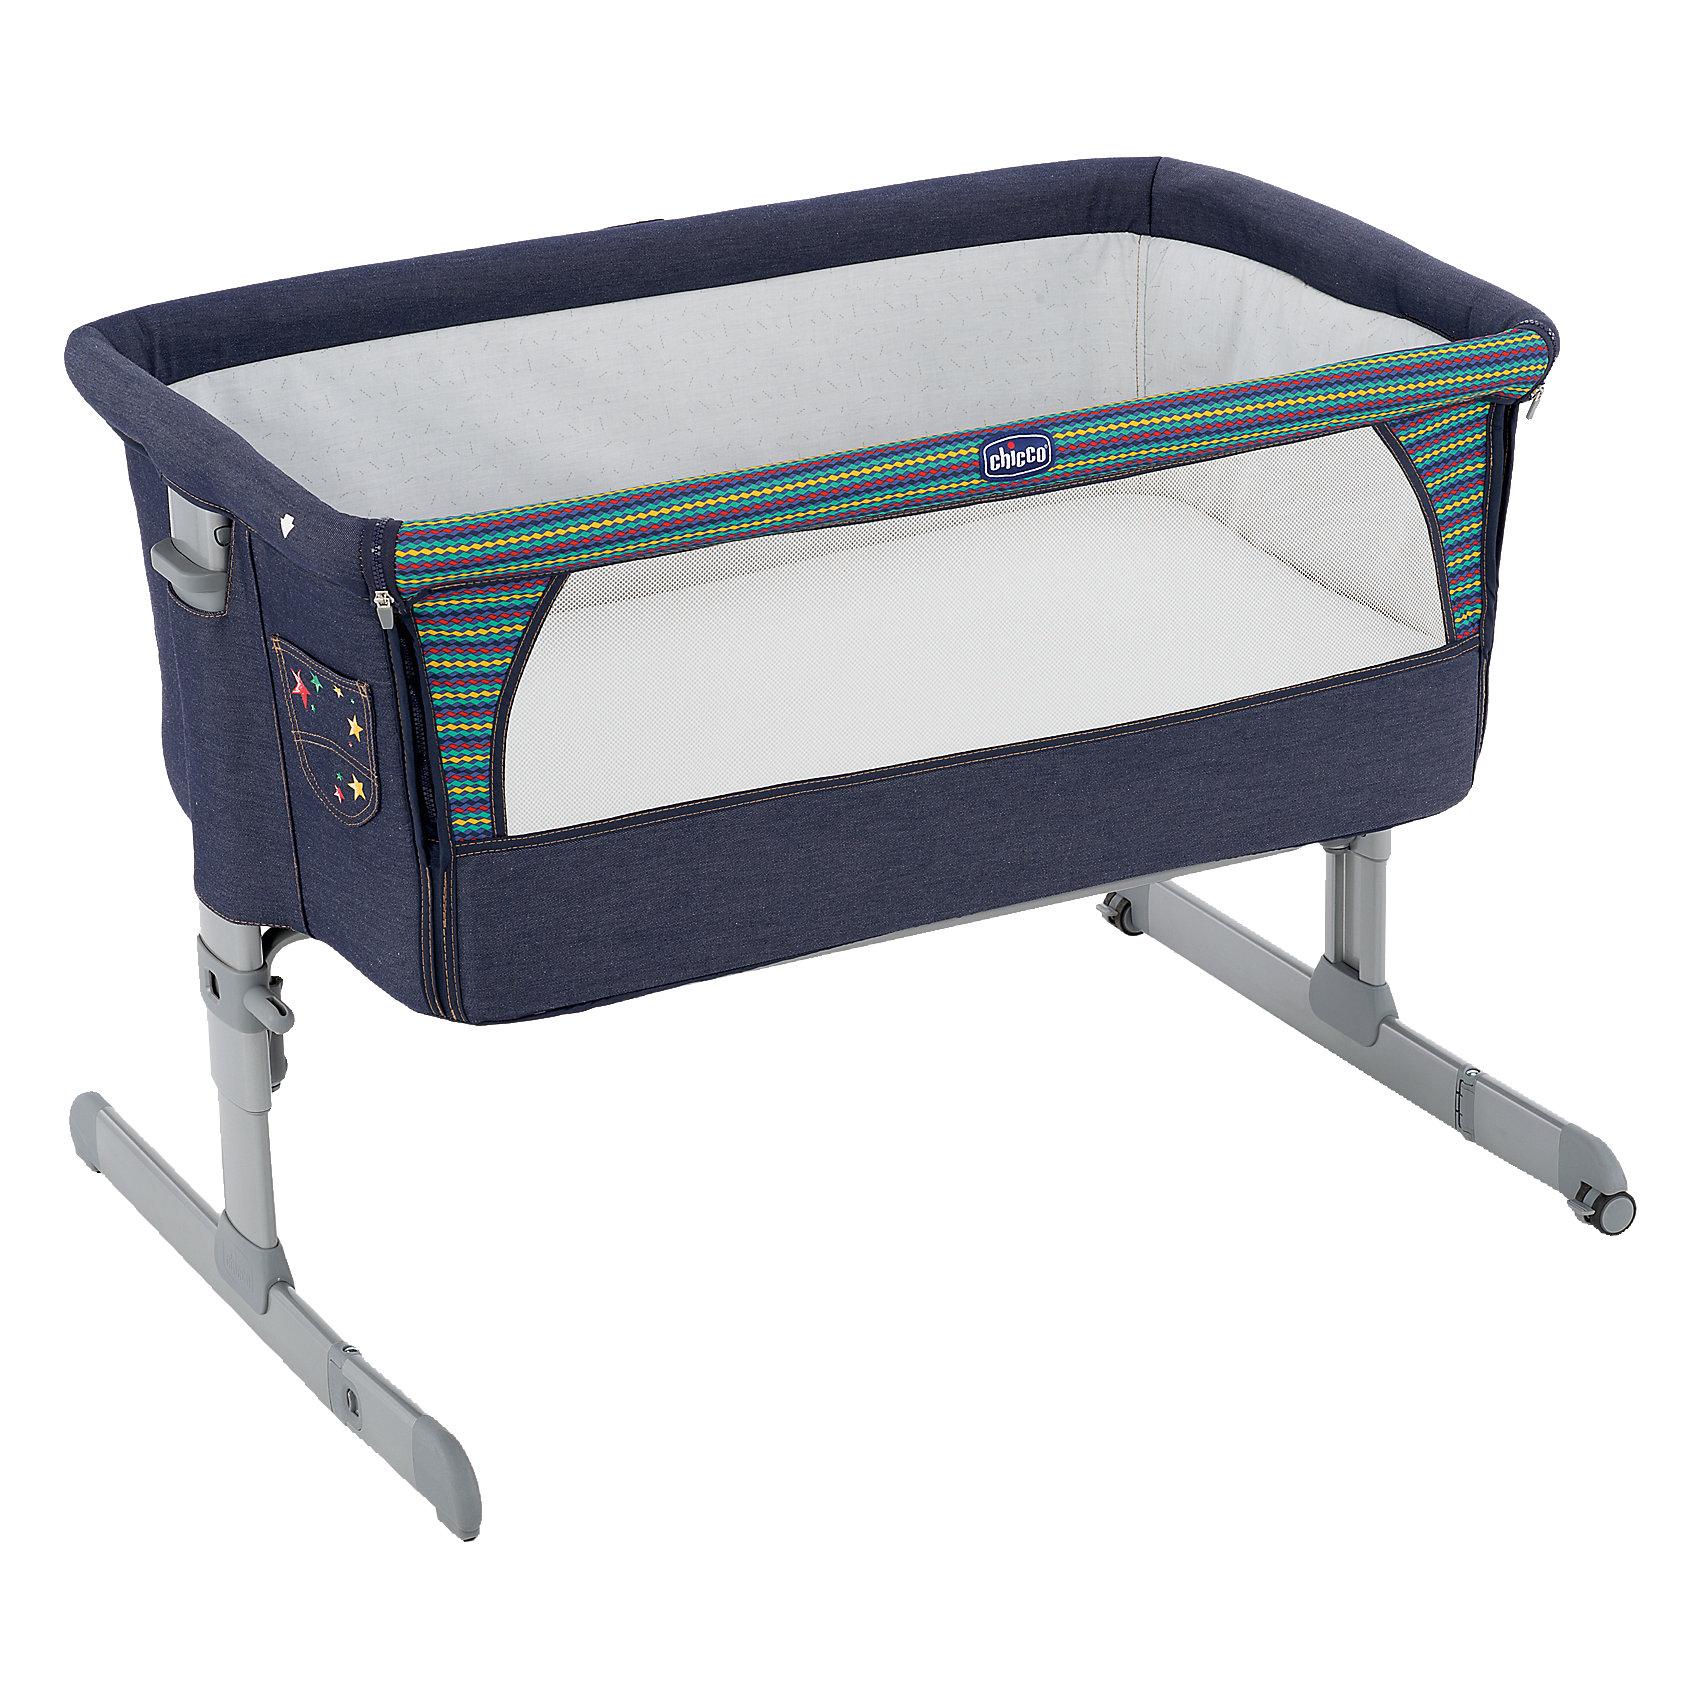 Кроватка Next2me, Chicco, denimКолыбели<br>Практичная и безопасная функциональная кроватка от Chicco - идеальный вариант для малышей и их родителей. Кровать имеет безопасную систему крепления к кровати родителей и позволяет вам спать рядом с малышом, находясь при этом каждый на своей территории. Боковой бортик очень быстро отстегивается, мягкие стенки дают малышу чувства покоя и уюта. Прочная металлическая основа делает кровать практичной и долговечной. Для наибольшего комфорта ребенка кровать оснащена мягким матрасиком и сетчатыми вставками для вентиляции. <br><br>Дополнительная информация:<br><br>- Материал: пластик, текстиль.<br>- Размер: 66/81 x 93 x 69 см.<br>- Размер в сложенном виде: 95 x 15 см.<br>- Вес: 9 кг.<br>- Отстегивающийся бортик.<br>- Удобный матрас.<br>- Вставки из сетки для циркуляции воздуха. <br>- Высота регулируется. <br>- Крепится к кровати в помощью двух ремней. <br>- Максимальный вес ребенка: 9 кг. <br><br>Внимание! Основным является первое фото, последующие фотографии размещены с целью показать функционал данной модели.<br><br>Функциональную кроватку Next2me Denim, Chicco (Чикко), можно купить в нашем магазине.<br><br>Ширина мм: 945<br>Глубина мм: 600<br>Высота мм: 150<br>Вес г: 10300<br>Цвет: синий<br>Возраст от месяцев: 0<br>Возраст до месяцев: 6<br>Пол: Унисекс<br>Возраст: Детский<br>SKU: 4449674